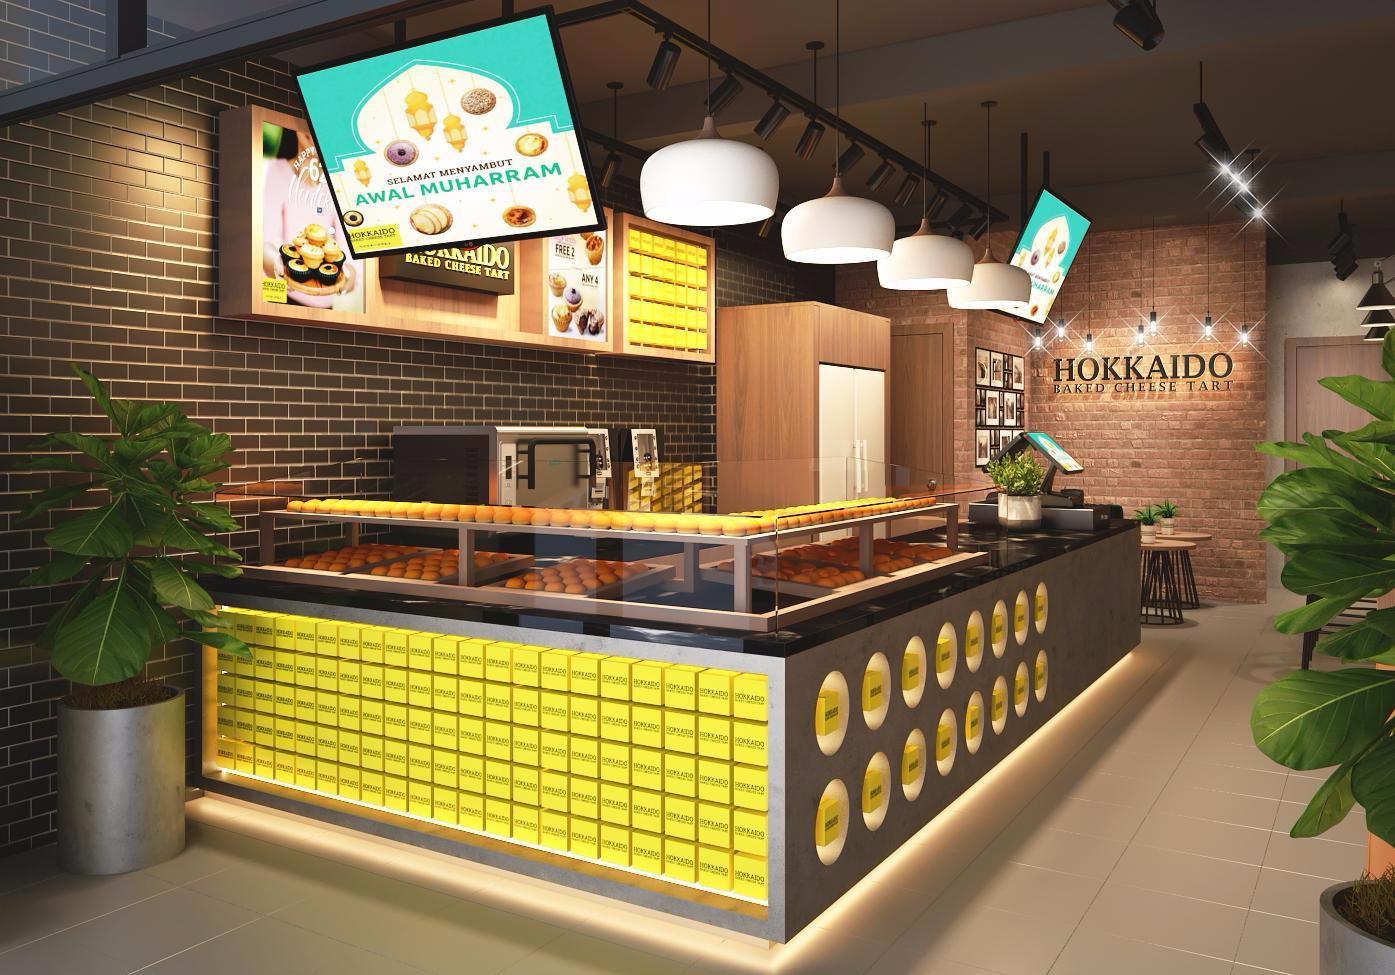 Kem phô mai Hokkaido chính thức mở cửa hàng đầu tiên tại Đà Lạt - Ảnh 1.